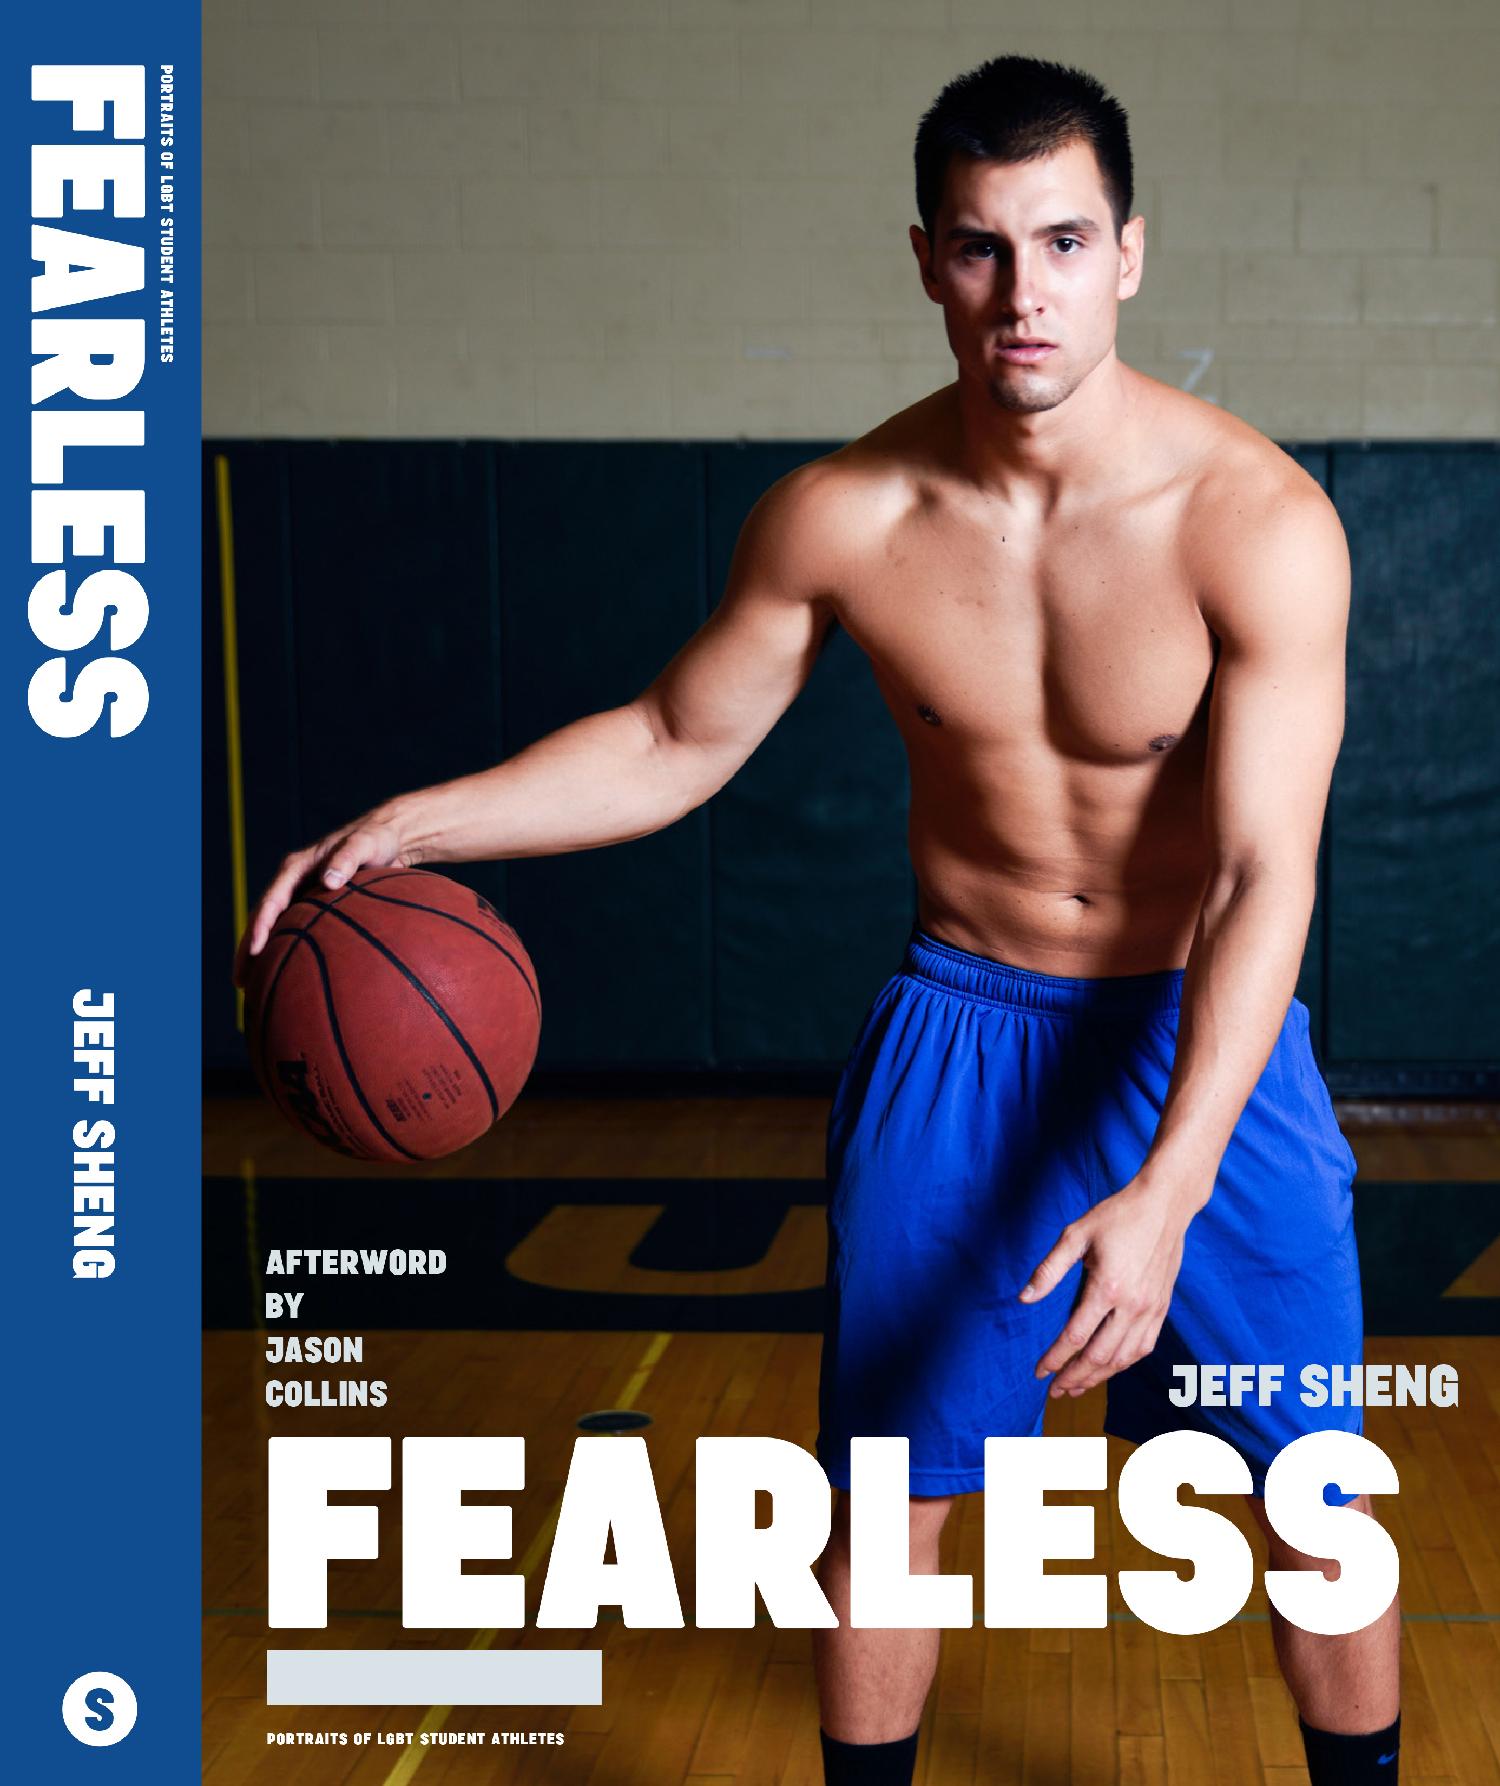 Fearless_Covers_crop.pdf-5-web-1500.jpg